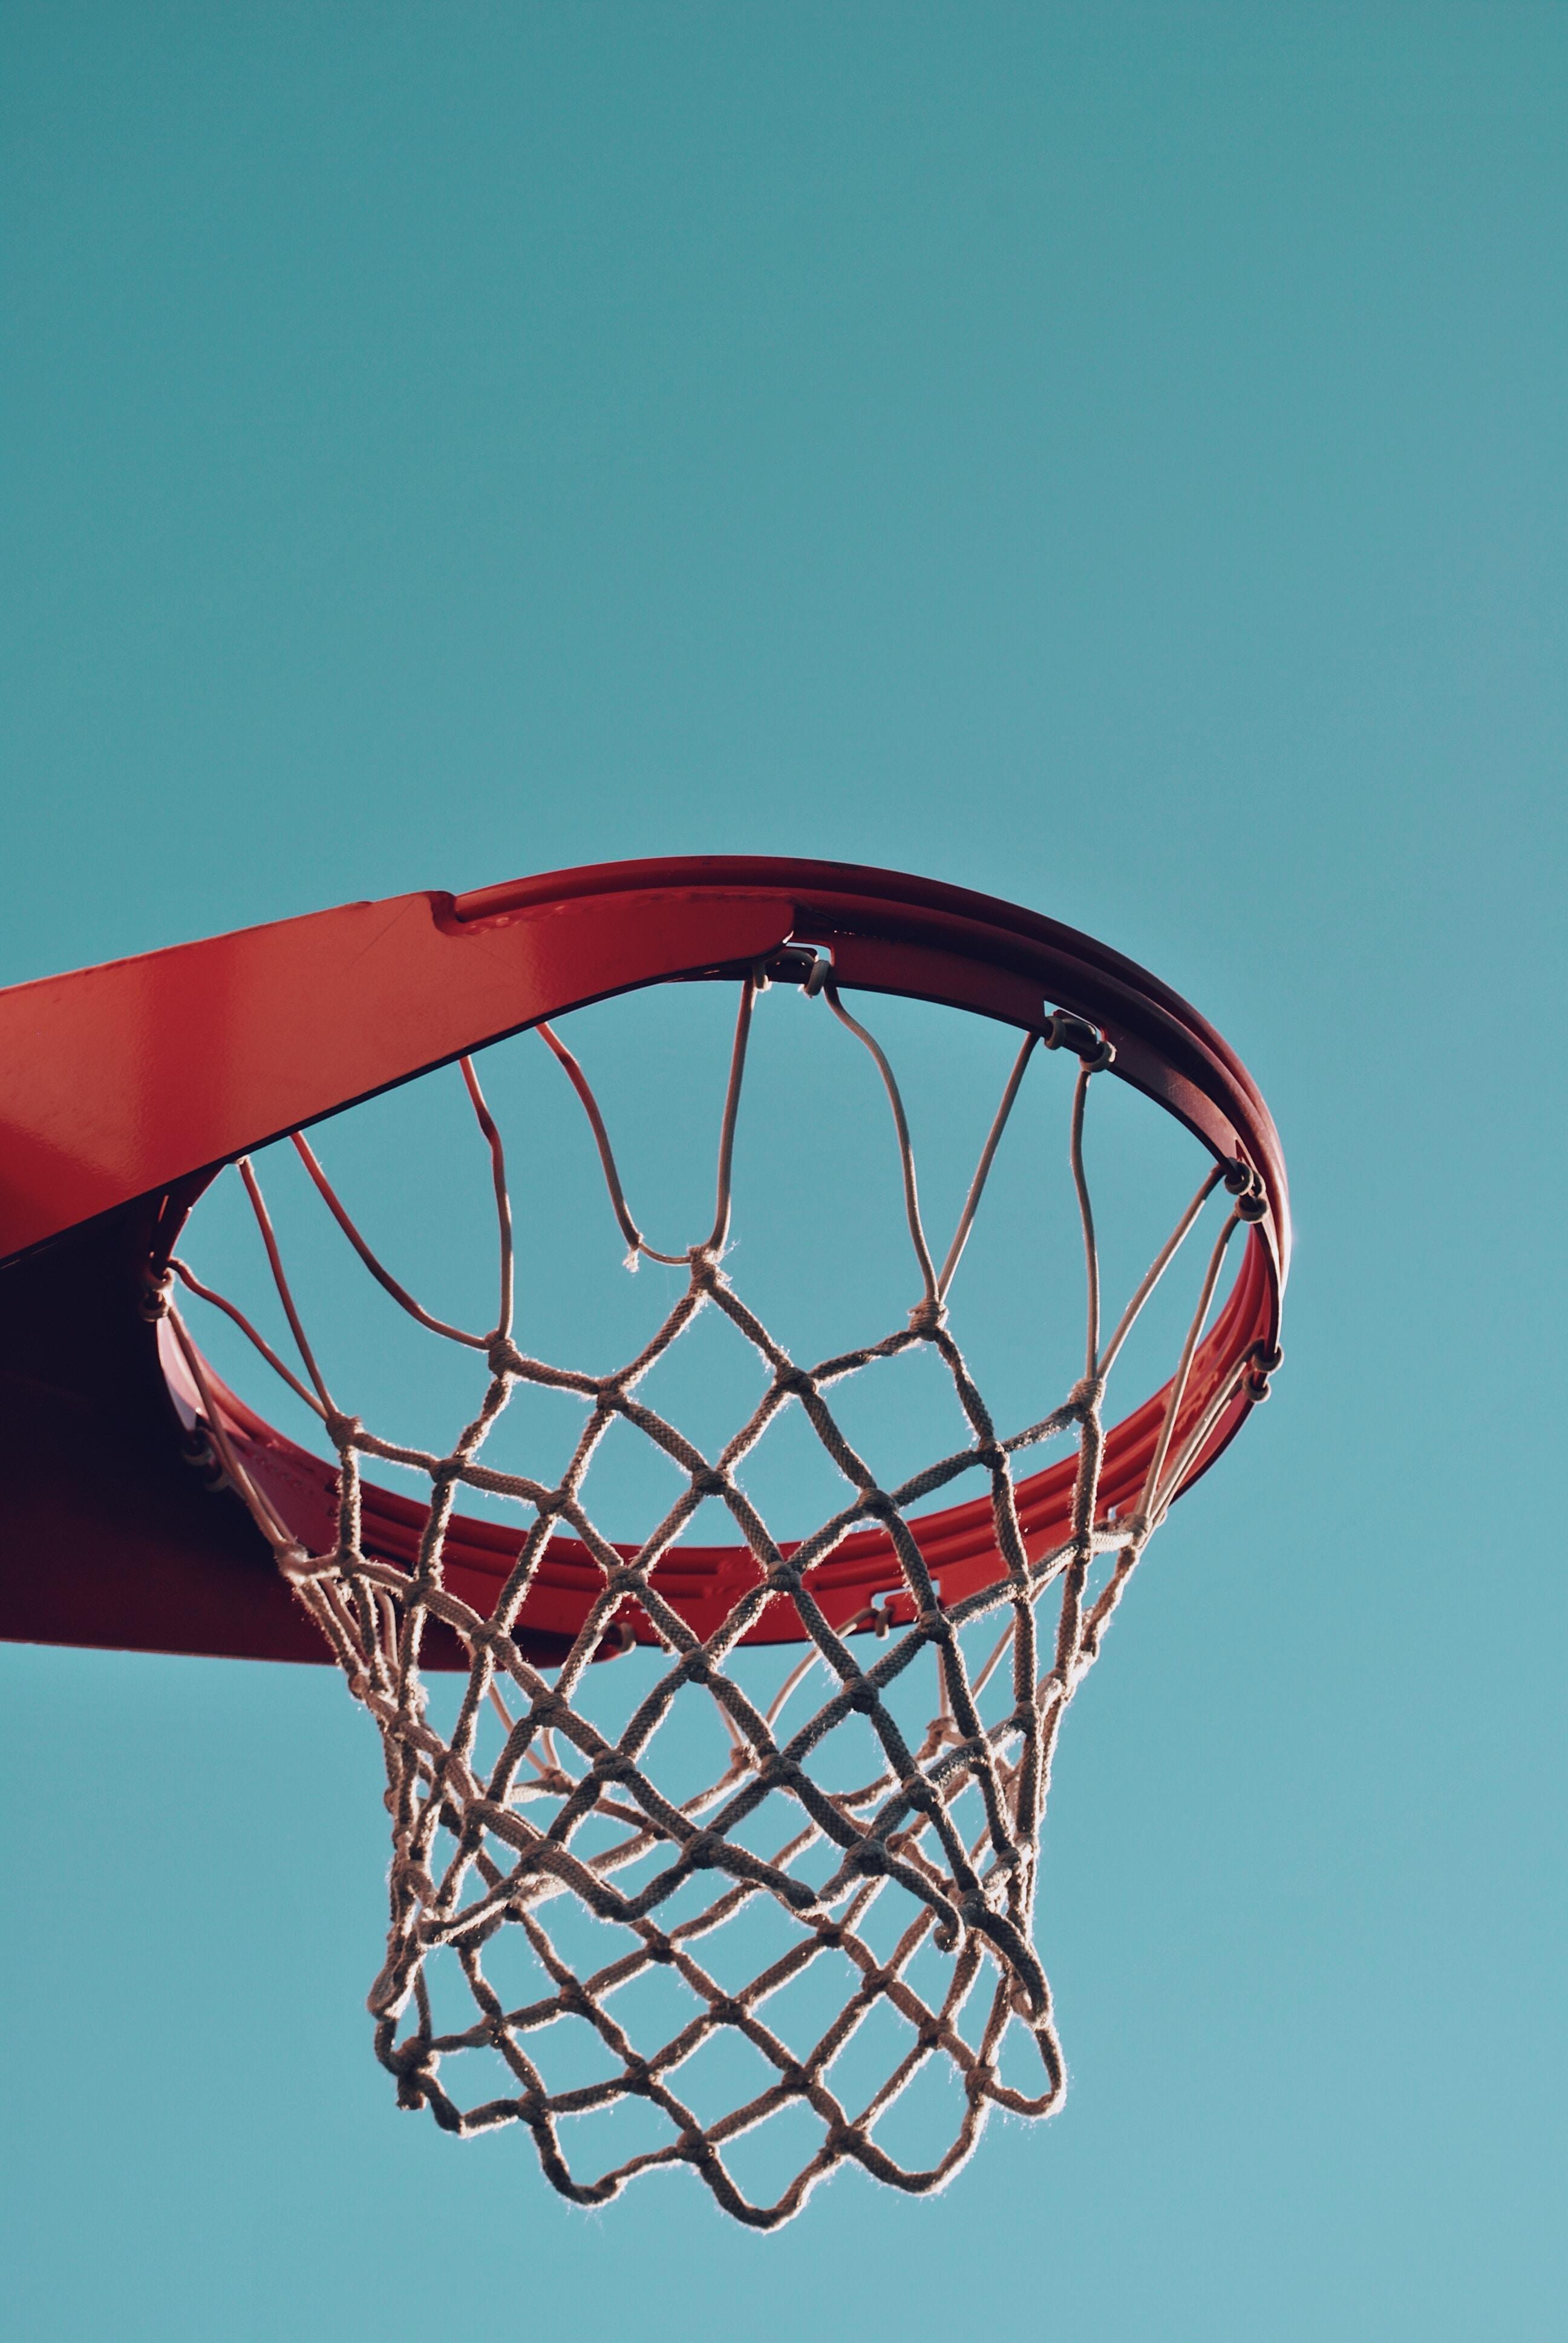 red basketball hoop